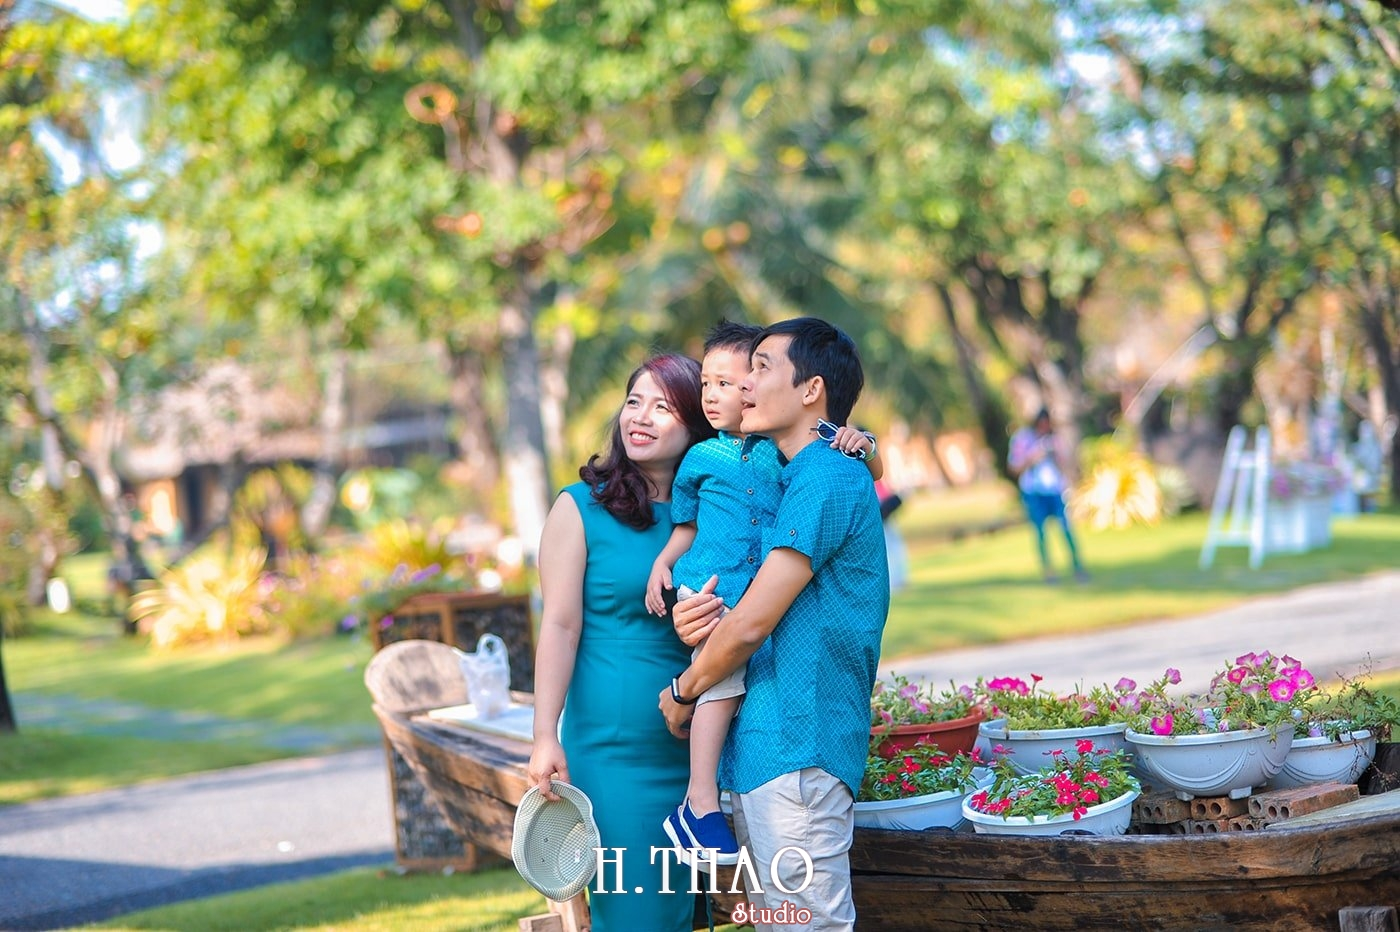 Anh gia dinh 3 nguoi 10 - Khu du lịch Bình Quới 3- Ảnh chụp gia đình anh chị Phương Thúy